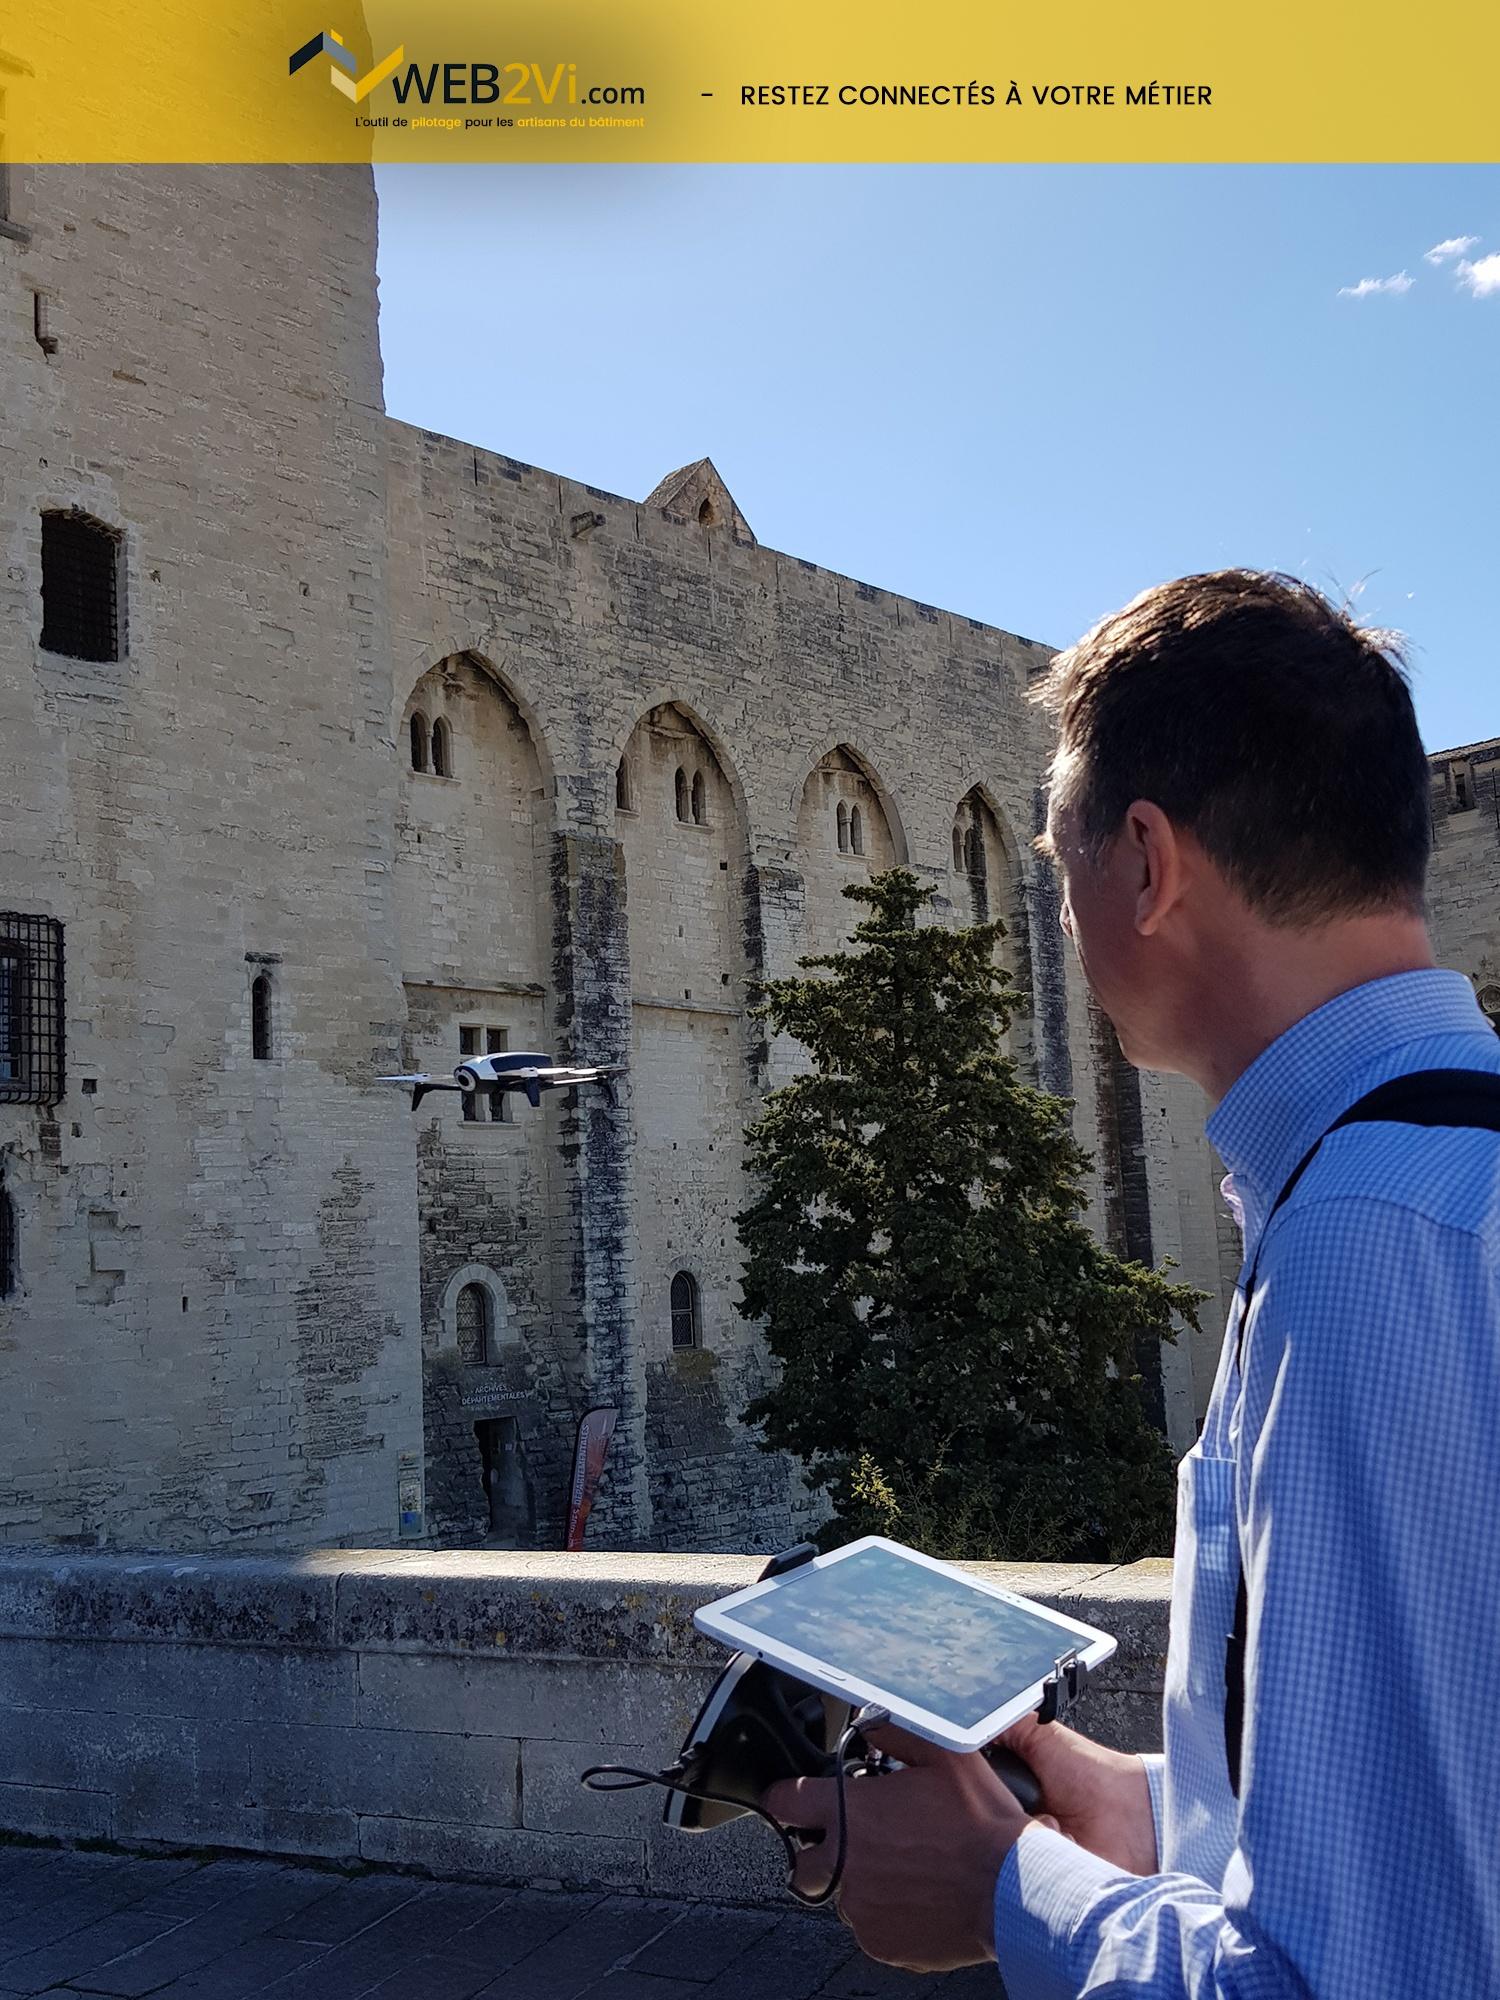 Rencontres UNCP 2018 Avignon Palais des Papes Web2vi drone Parrot métré 3D démonstration